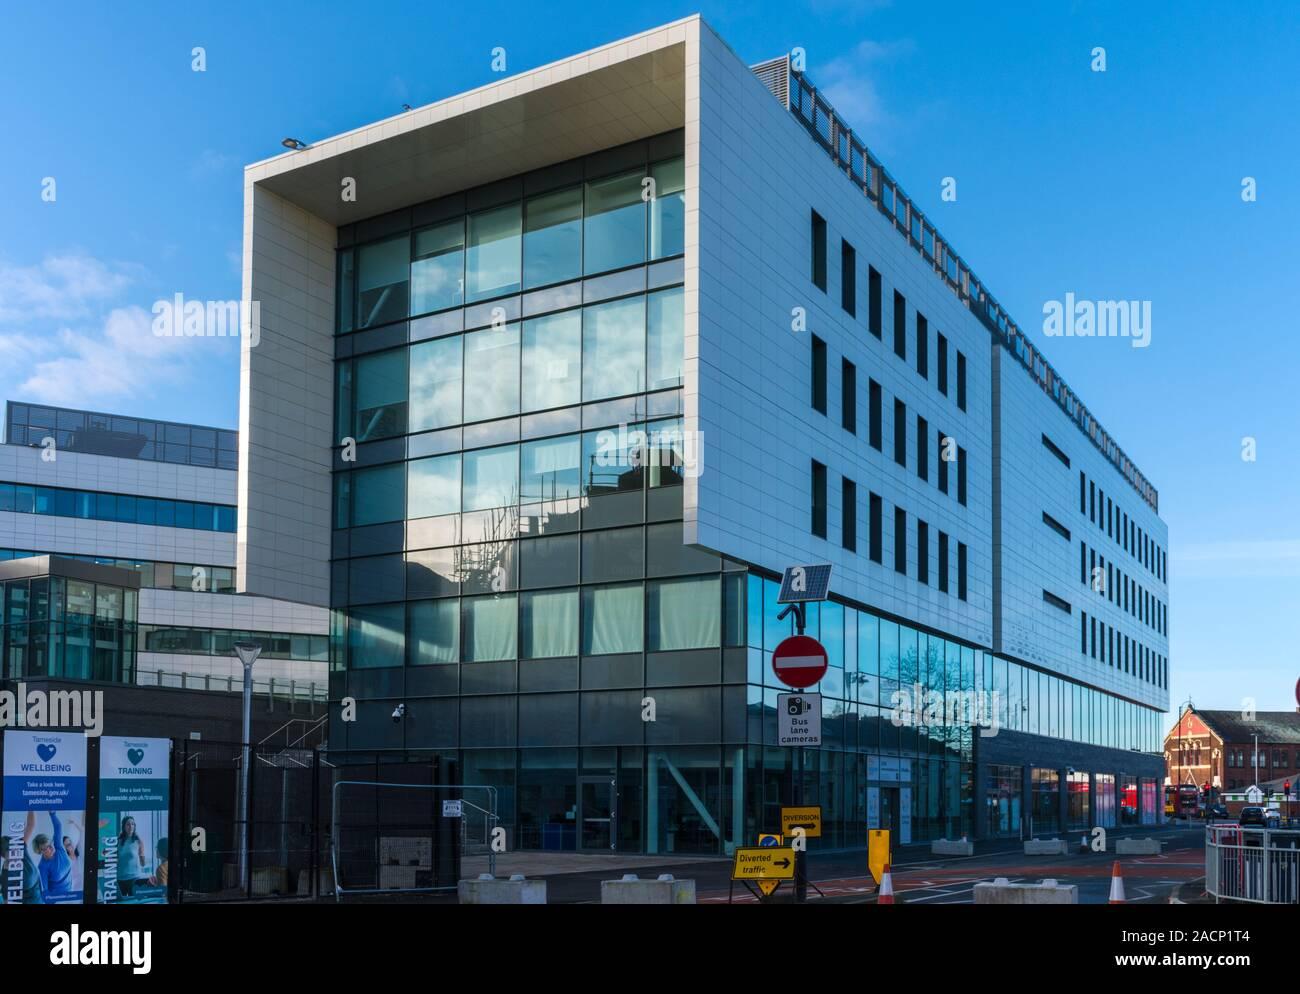 The Tameside One building, Ashton-under-Lyne, Tameside, Gtr. Manchester, England, UK Stock Photo